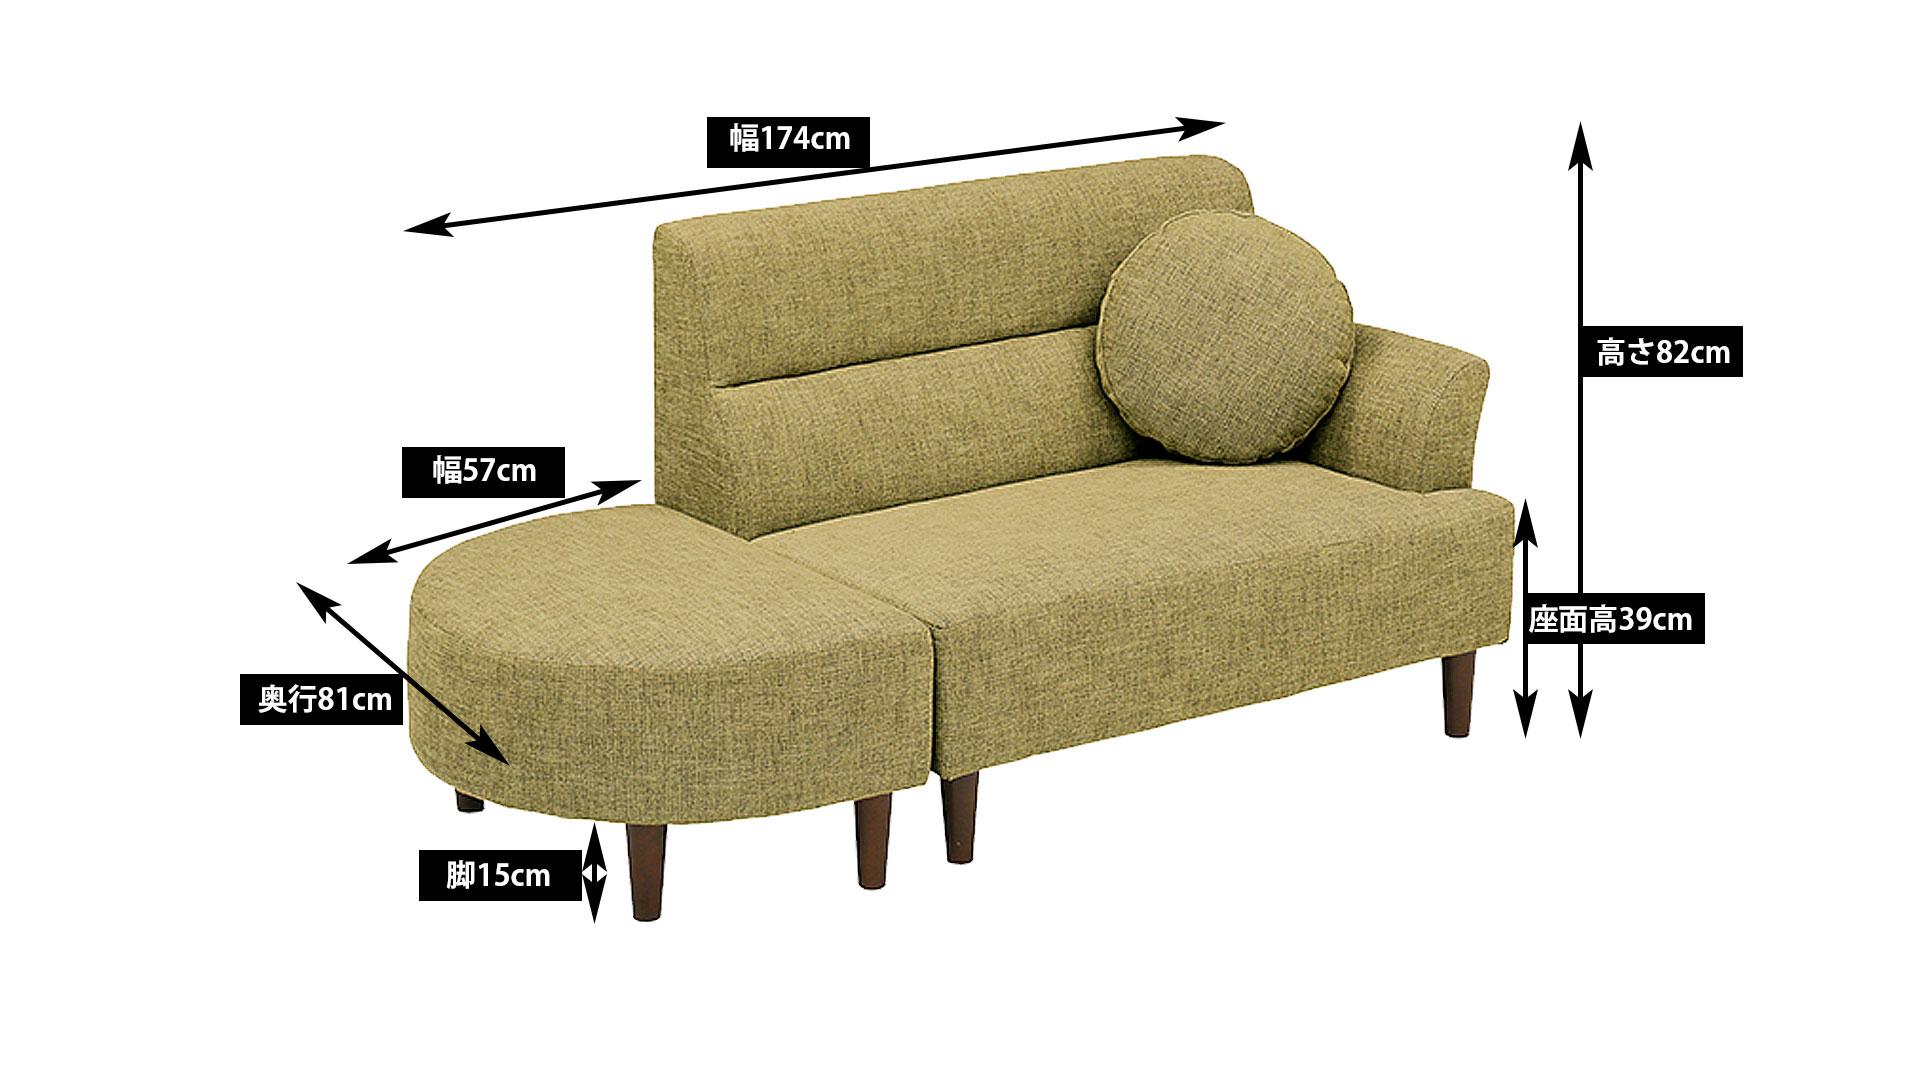 リビンズのソファ「オデッサ」のサイズの画像